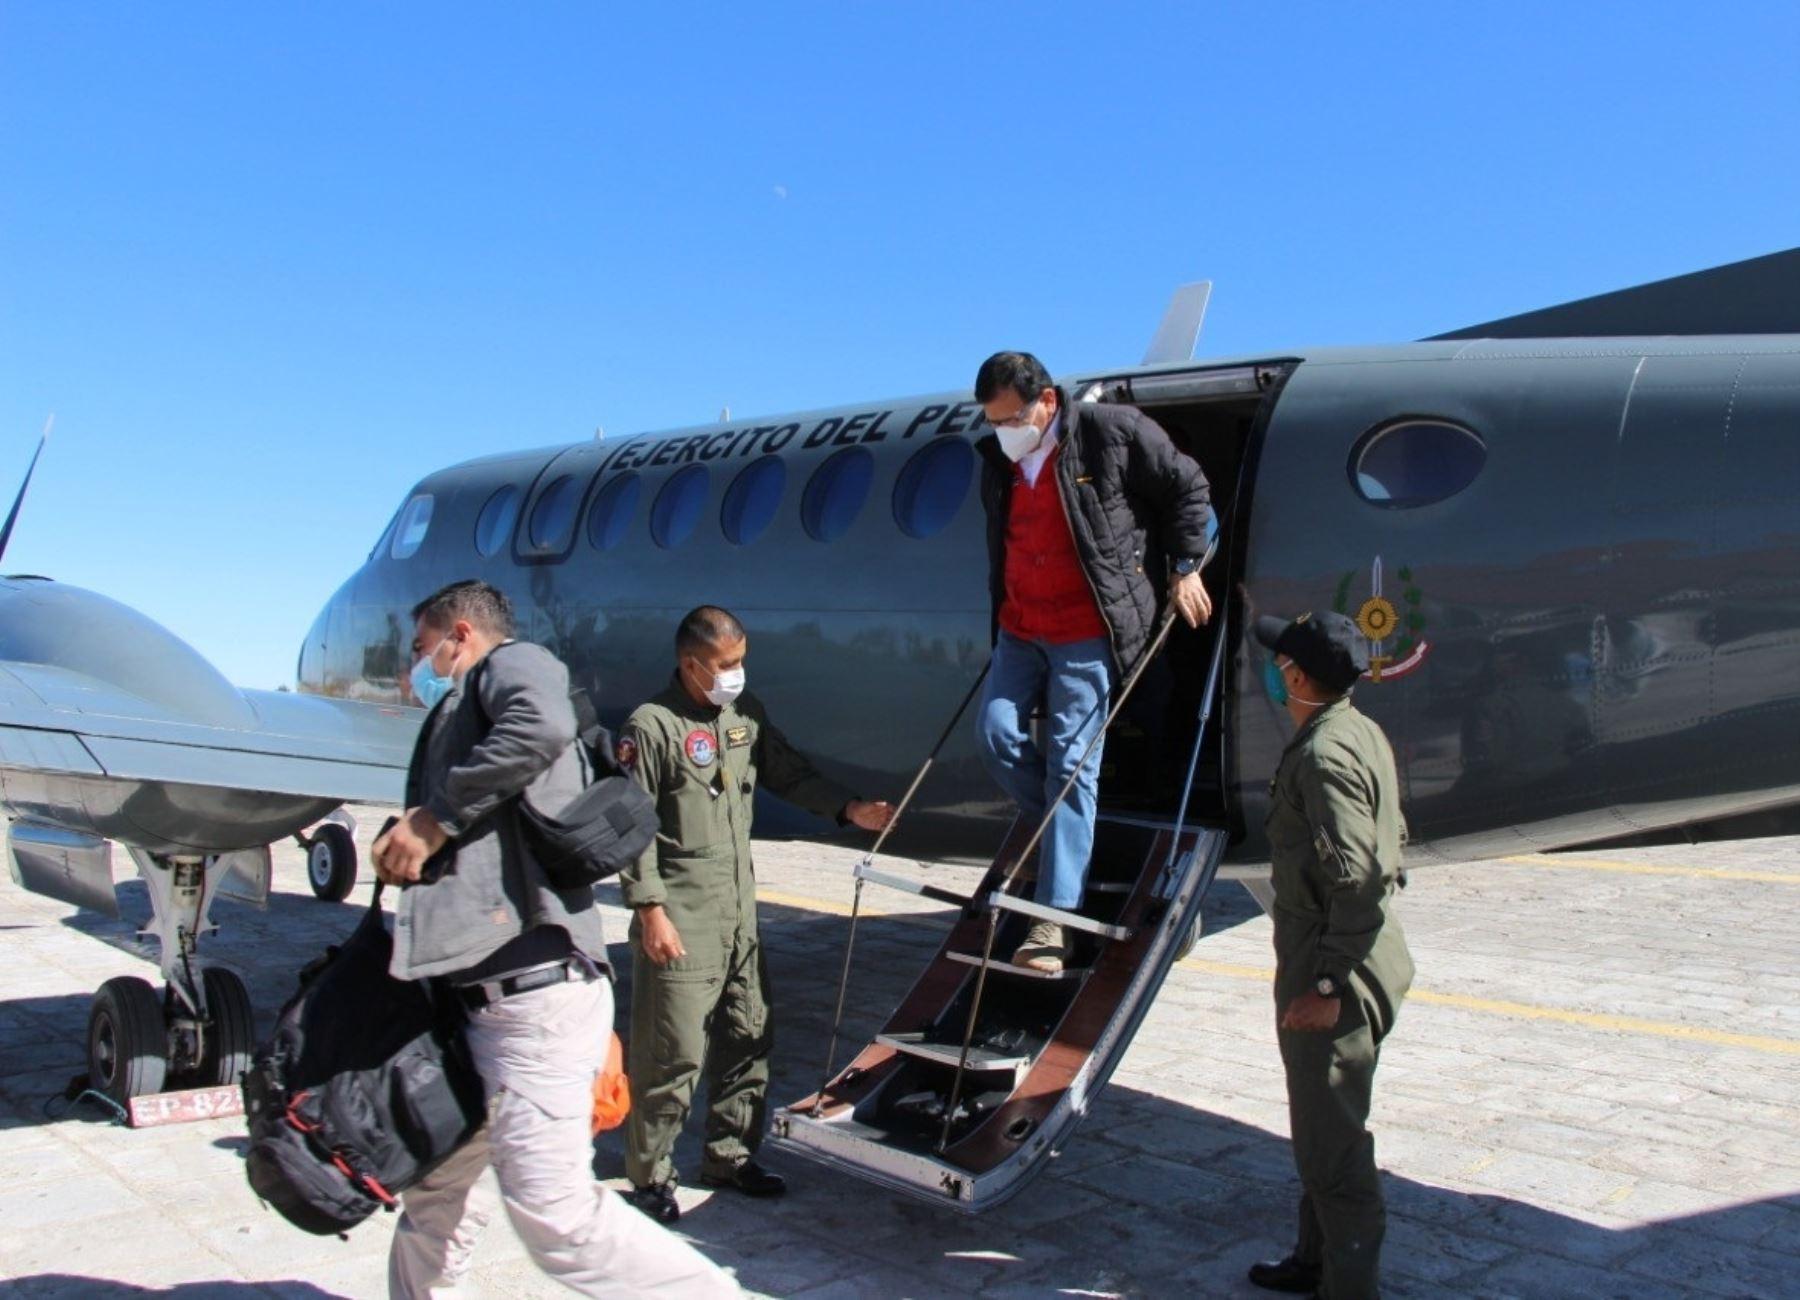 Minsa enviará mañana equipo a Arequipa para apoyar capacidad de respuesta de hospitales, anunció el ministro de Agricultura, Jorge Montenegro.